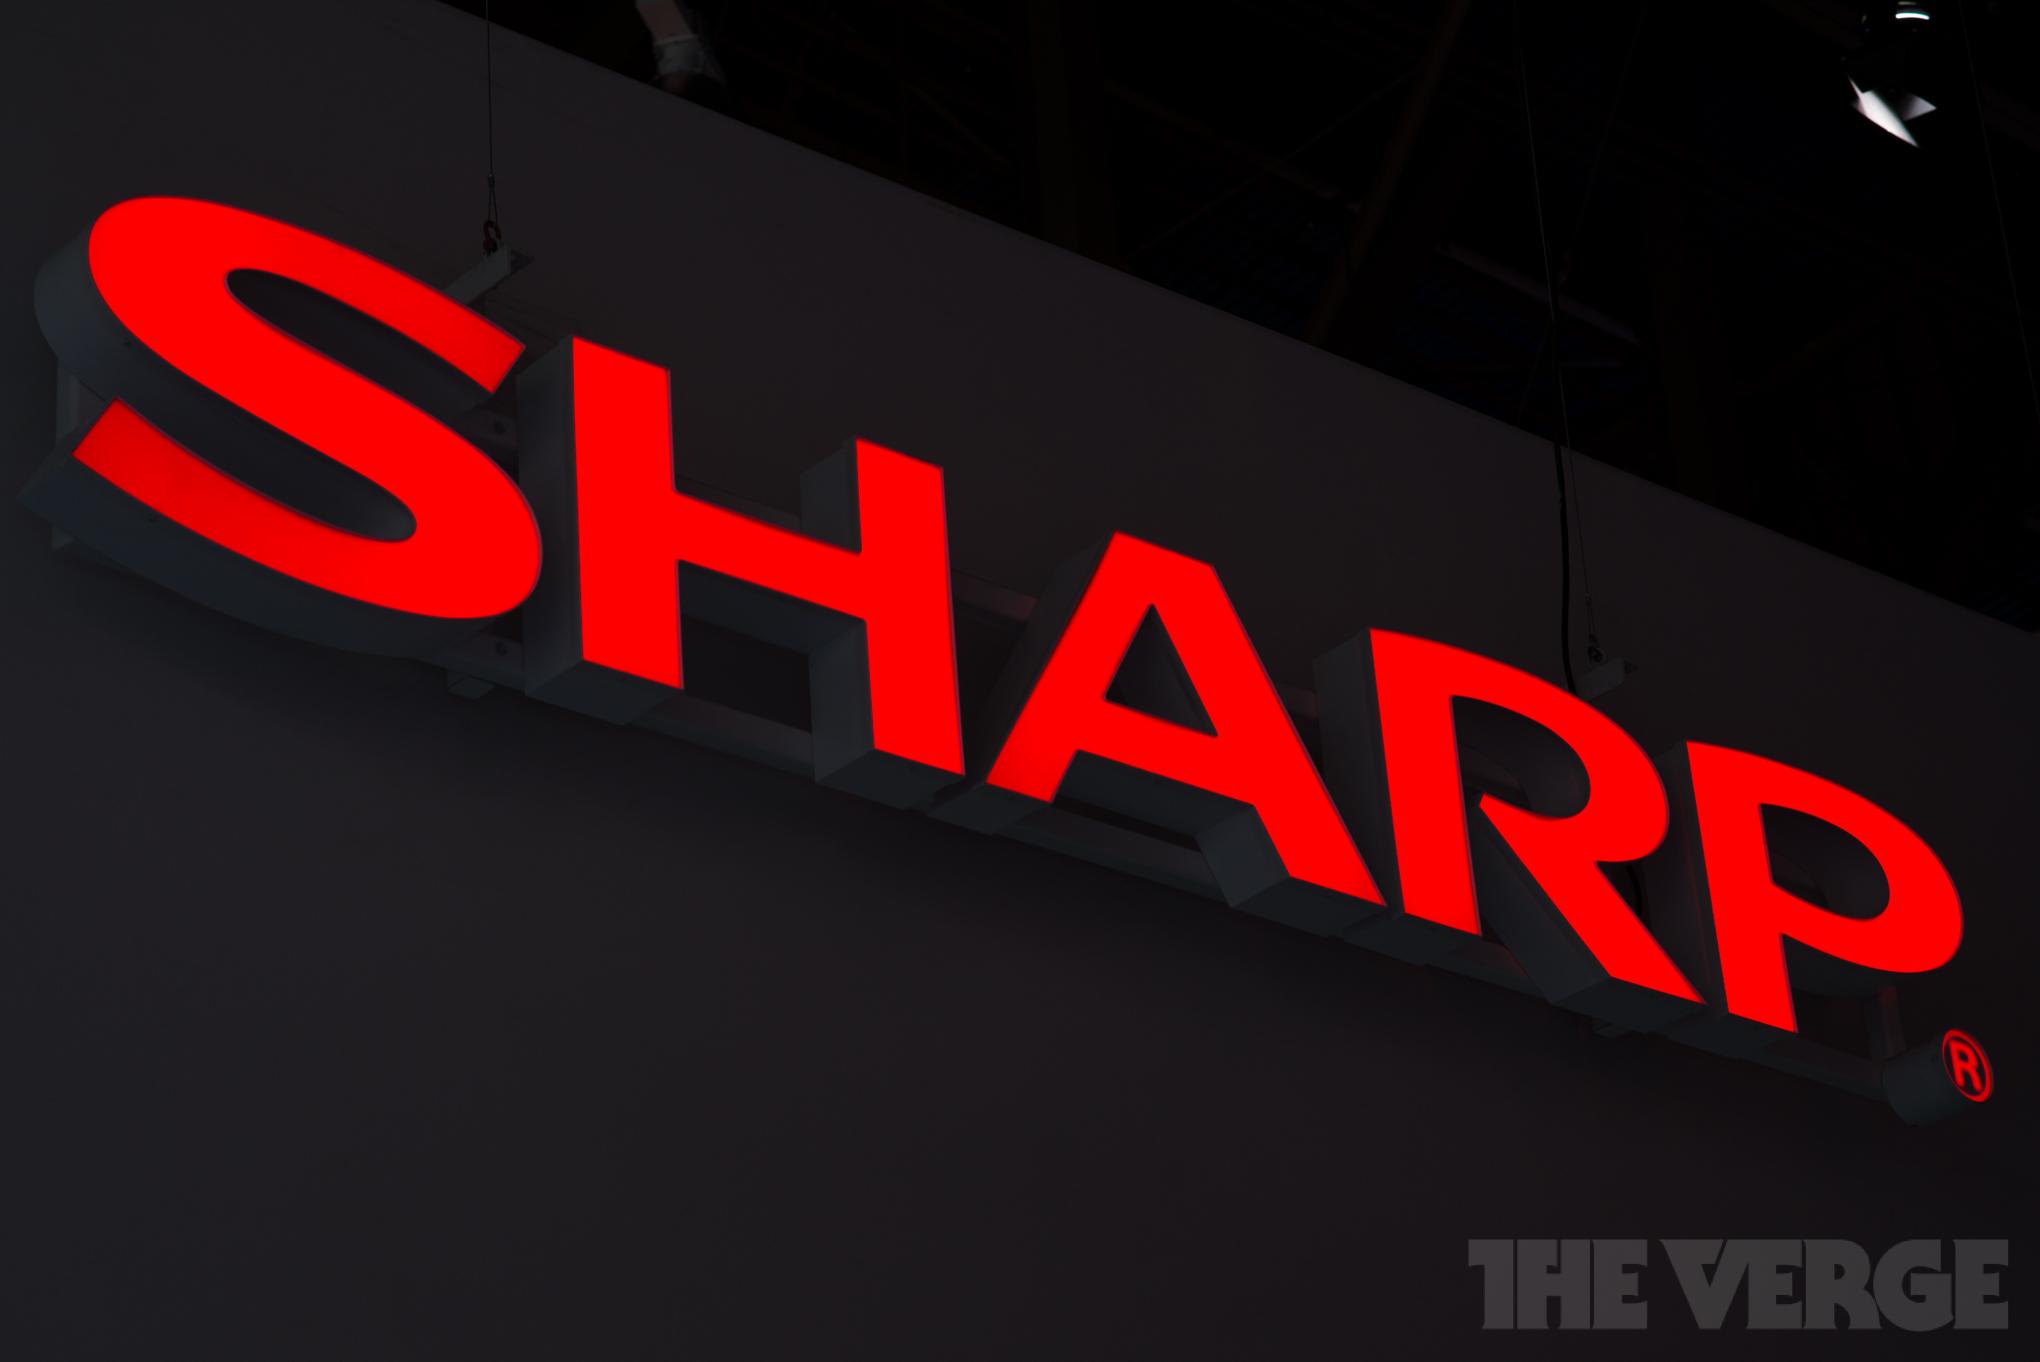 Sharp (STOCK)